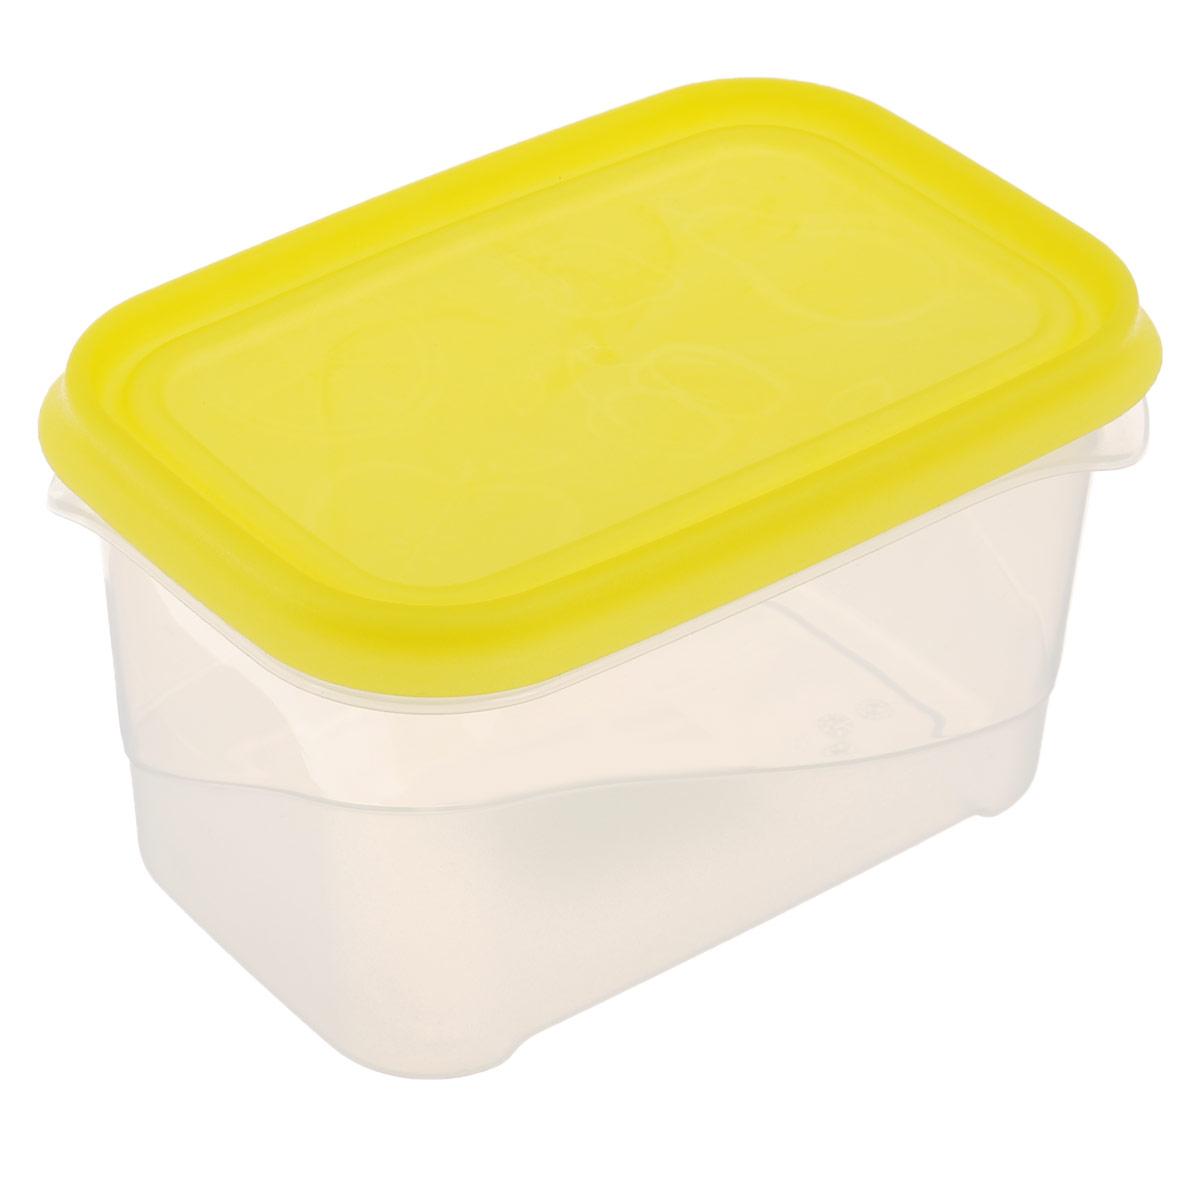 Контейнер Phibo Freeze, 0,7 лАксион Т-33Контейнер Phibo Freeze изготовлен из высококачественного полипропилена и не содержит Бисфенол А. Крышка легко и плотно закрывается, украшена узором в виде фруктов. Контейнер устойчив к воздействию масел и жиров, легко моется.Подходит для использования в микроволновых печах при температуре до +100°С, выдерживает хранение в морозильной камере при температуре -24°С, его можно мыть в посудомоечной машине при температуре до +75°С.Объем контейнера: 0,7 л.